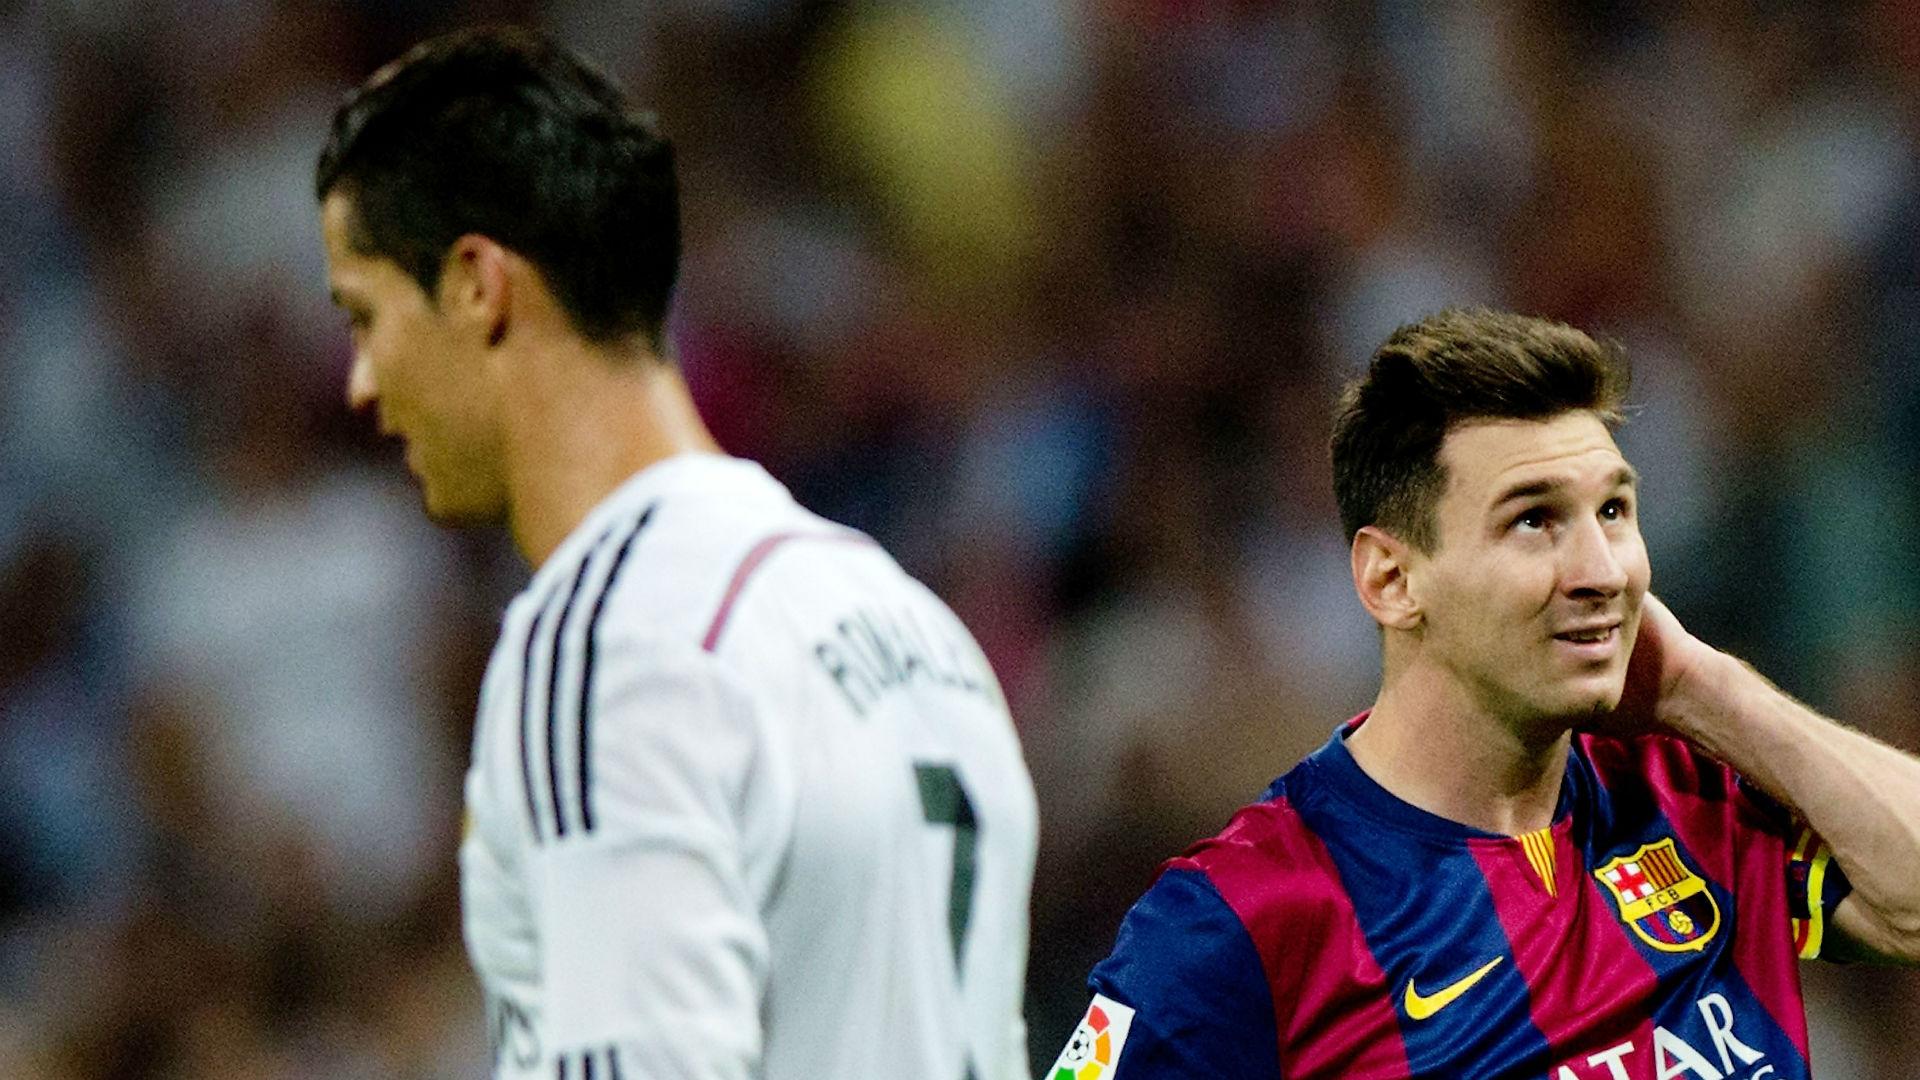 Cristiano Ronaldo fue expulsado por simular y reaccionó empujando al árbitro